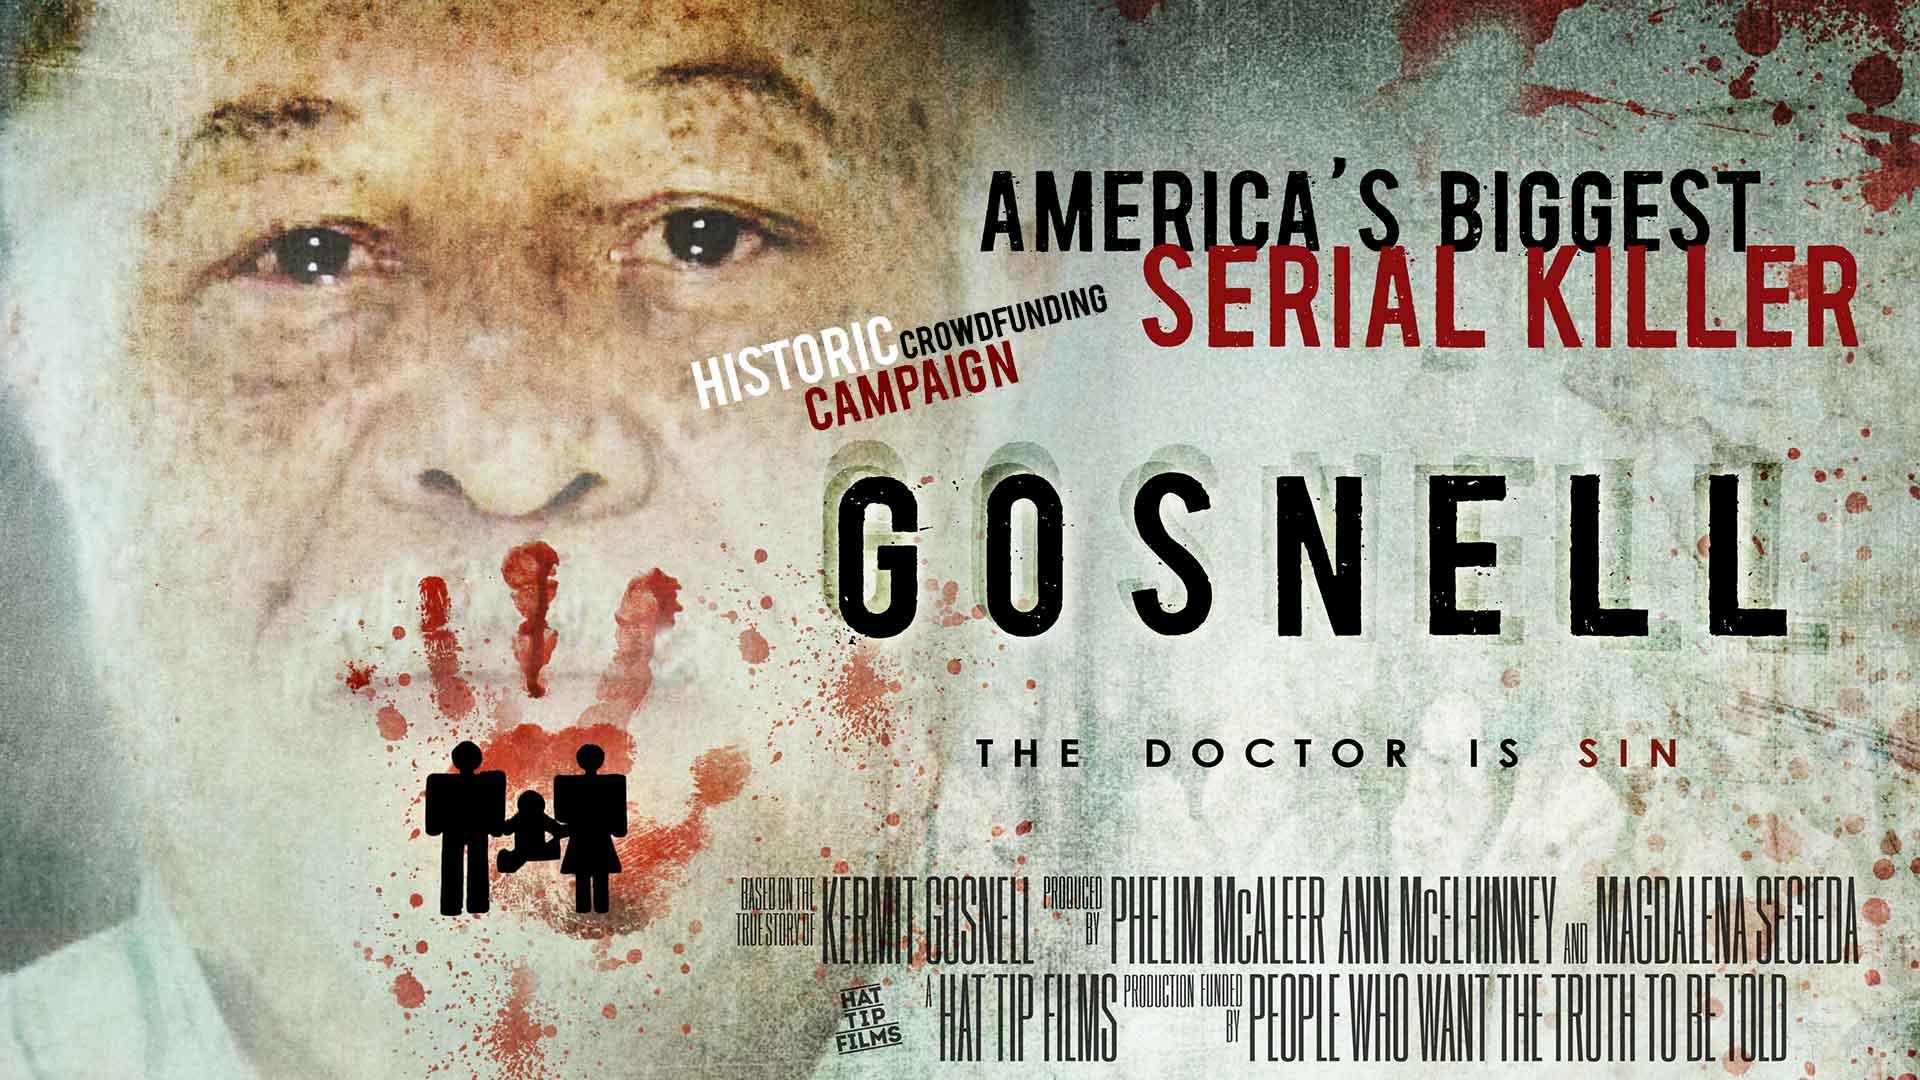 Gosnell Movie, una película sobre un asesino en serie que recauda más de 2 millones de dólares